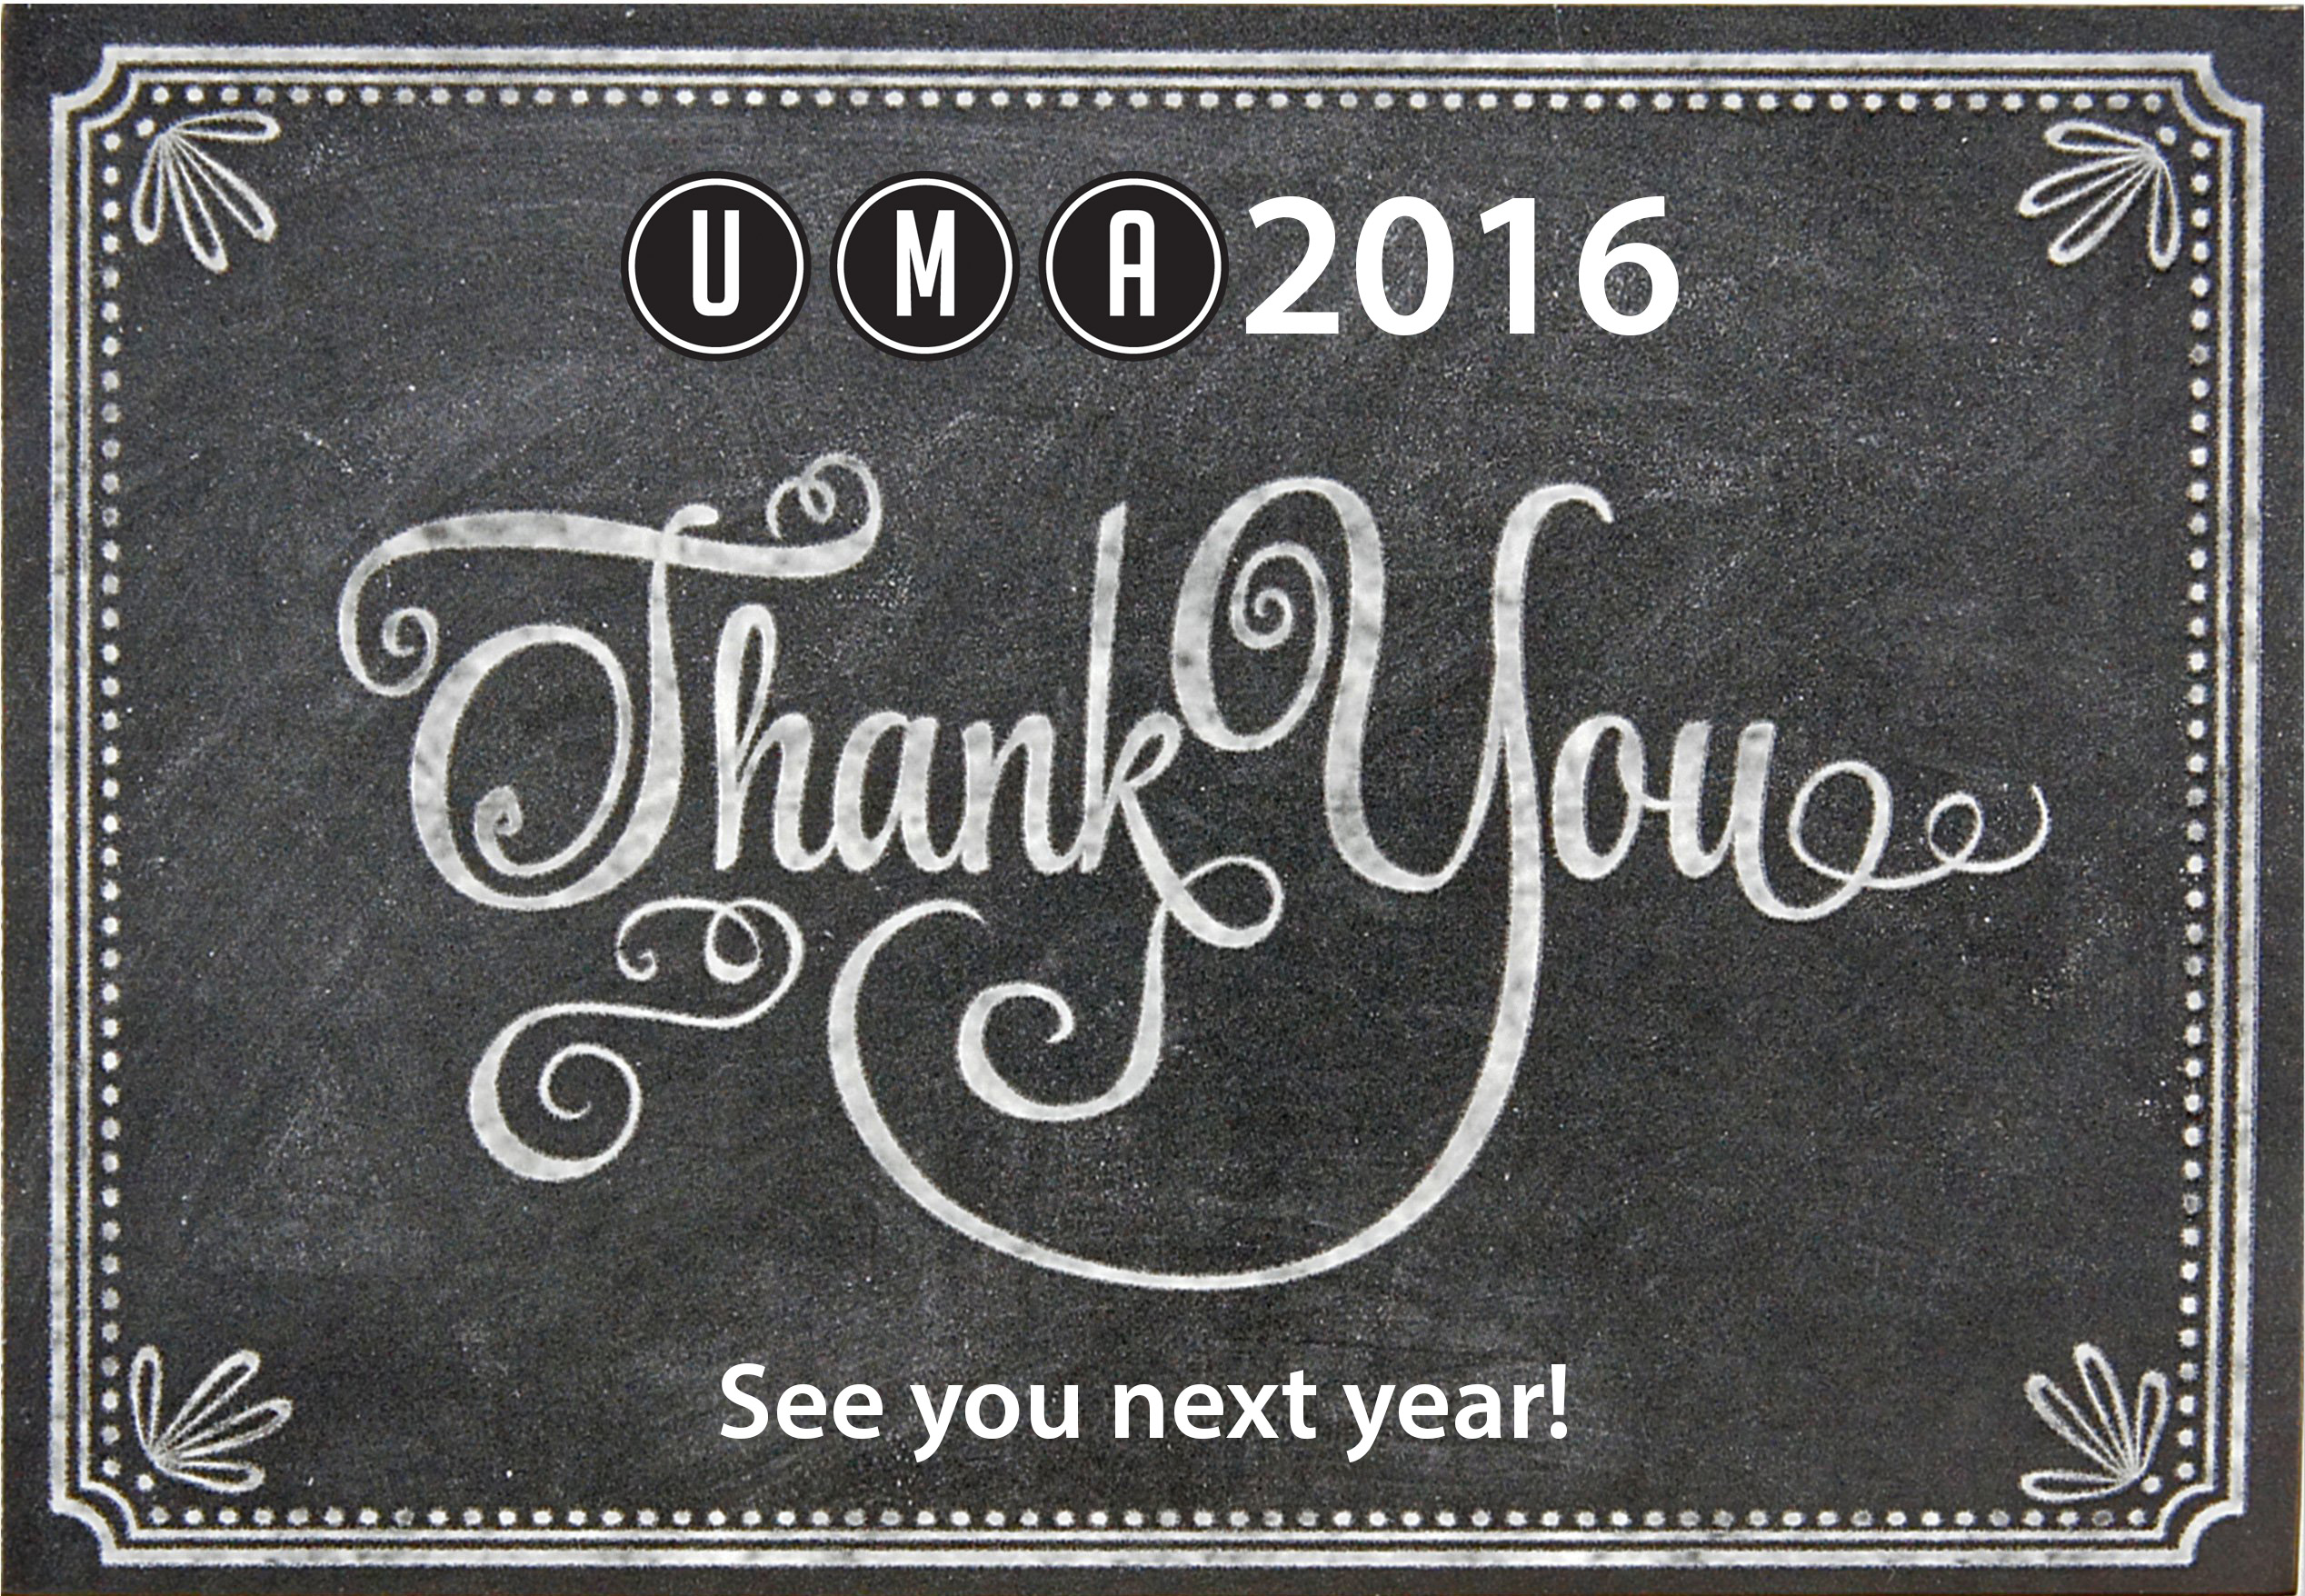 UMAE 2016